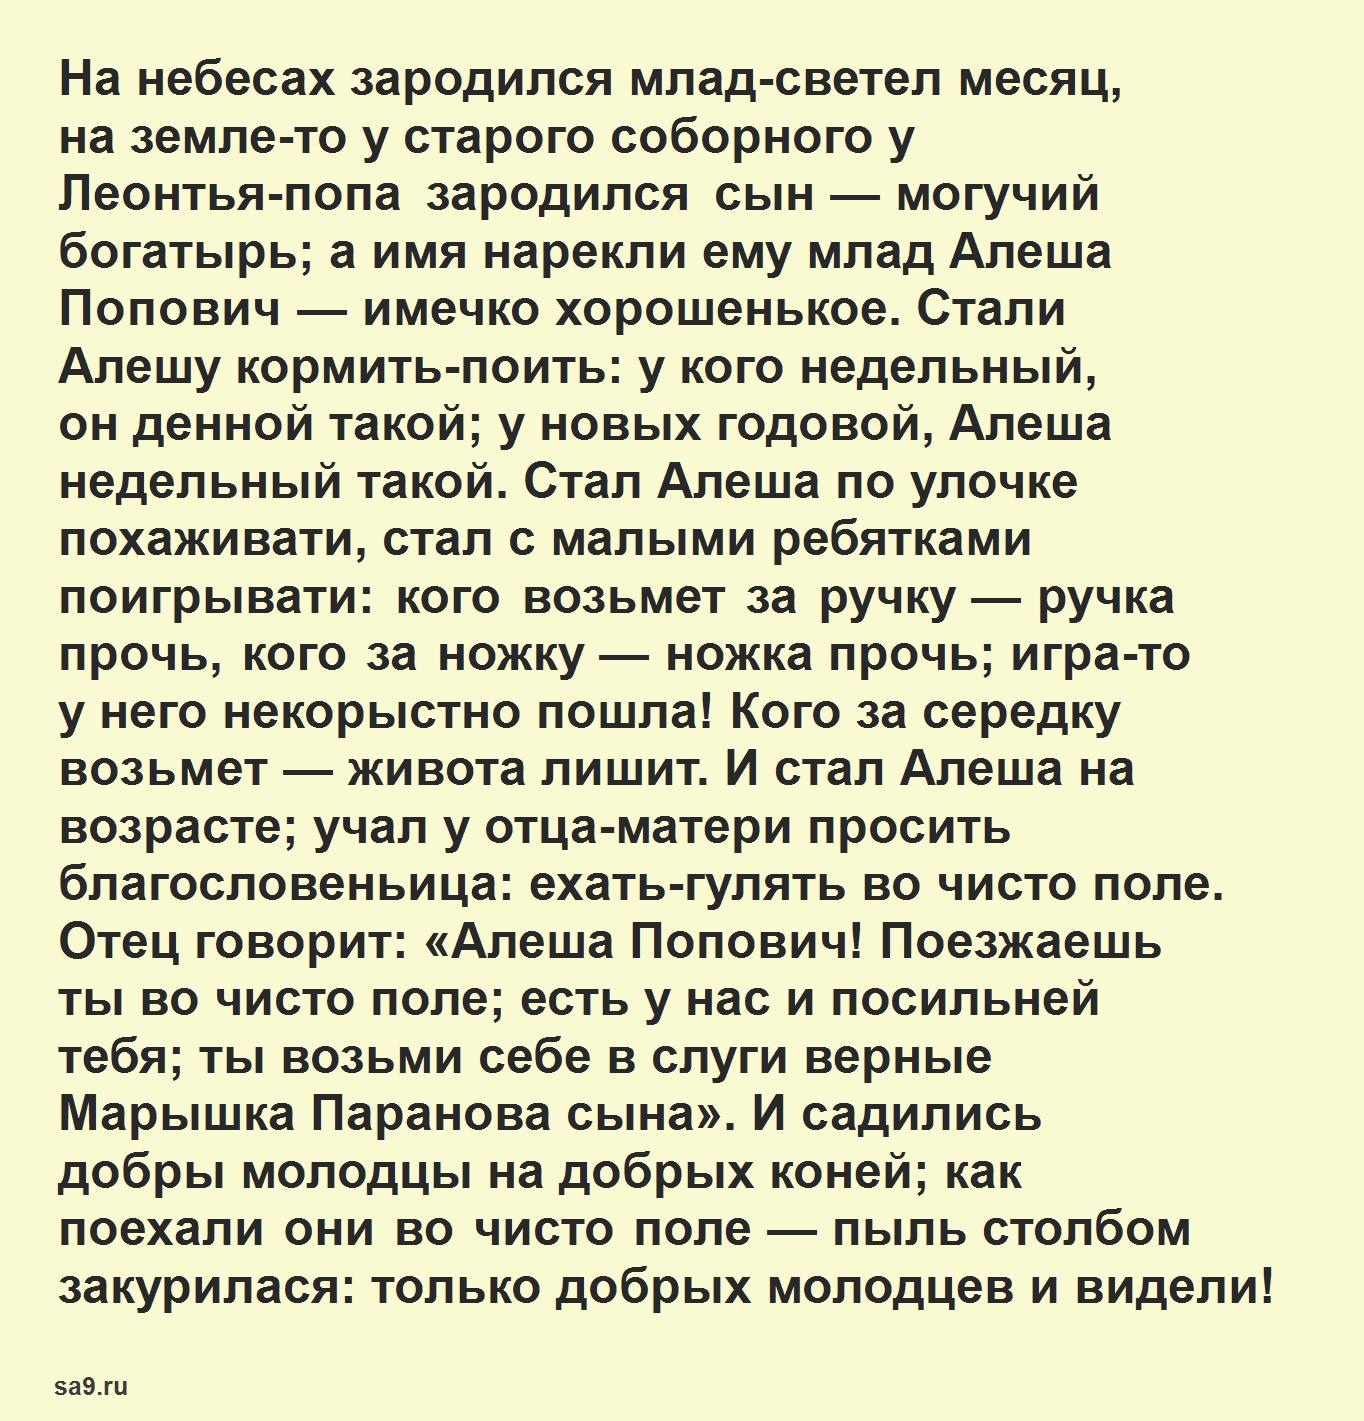 Алеша Попович - русская народная сказка